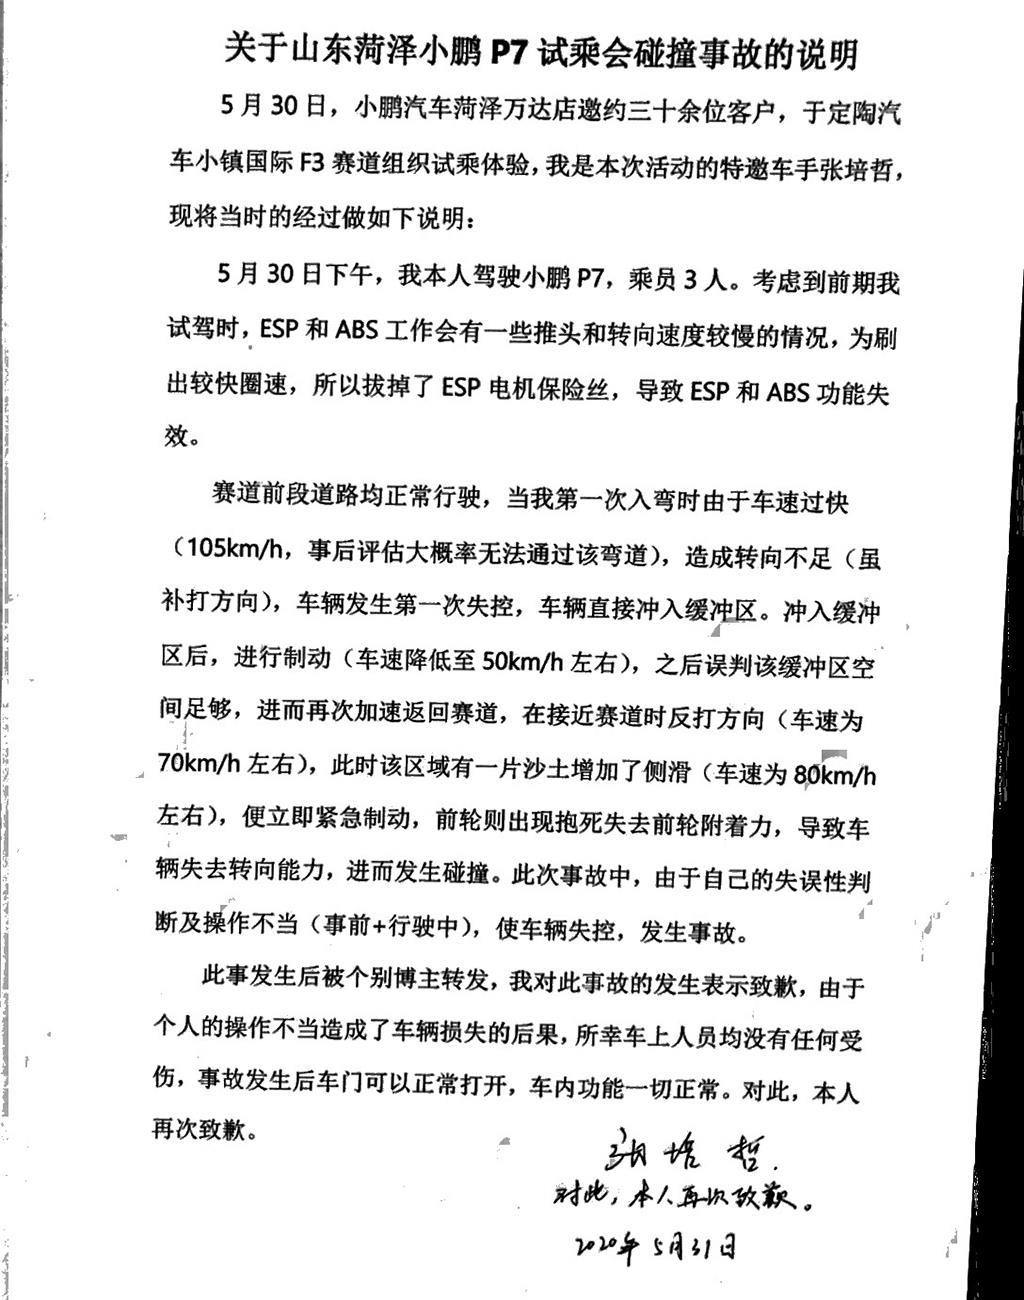 自身误判 网传小鹏P7碰撞视频主角回应